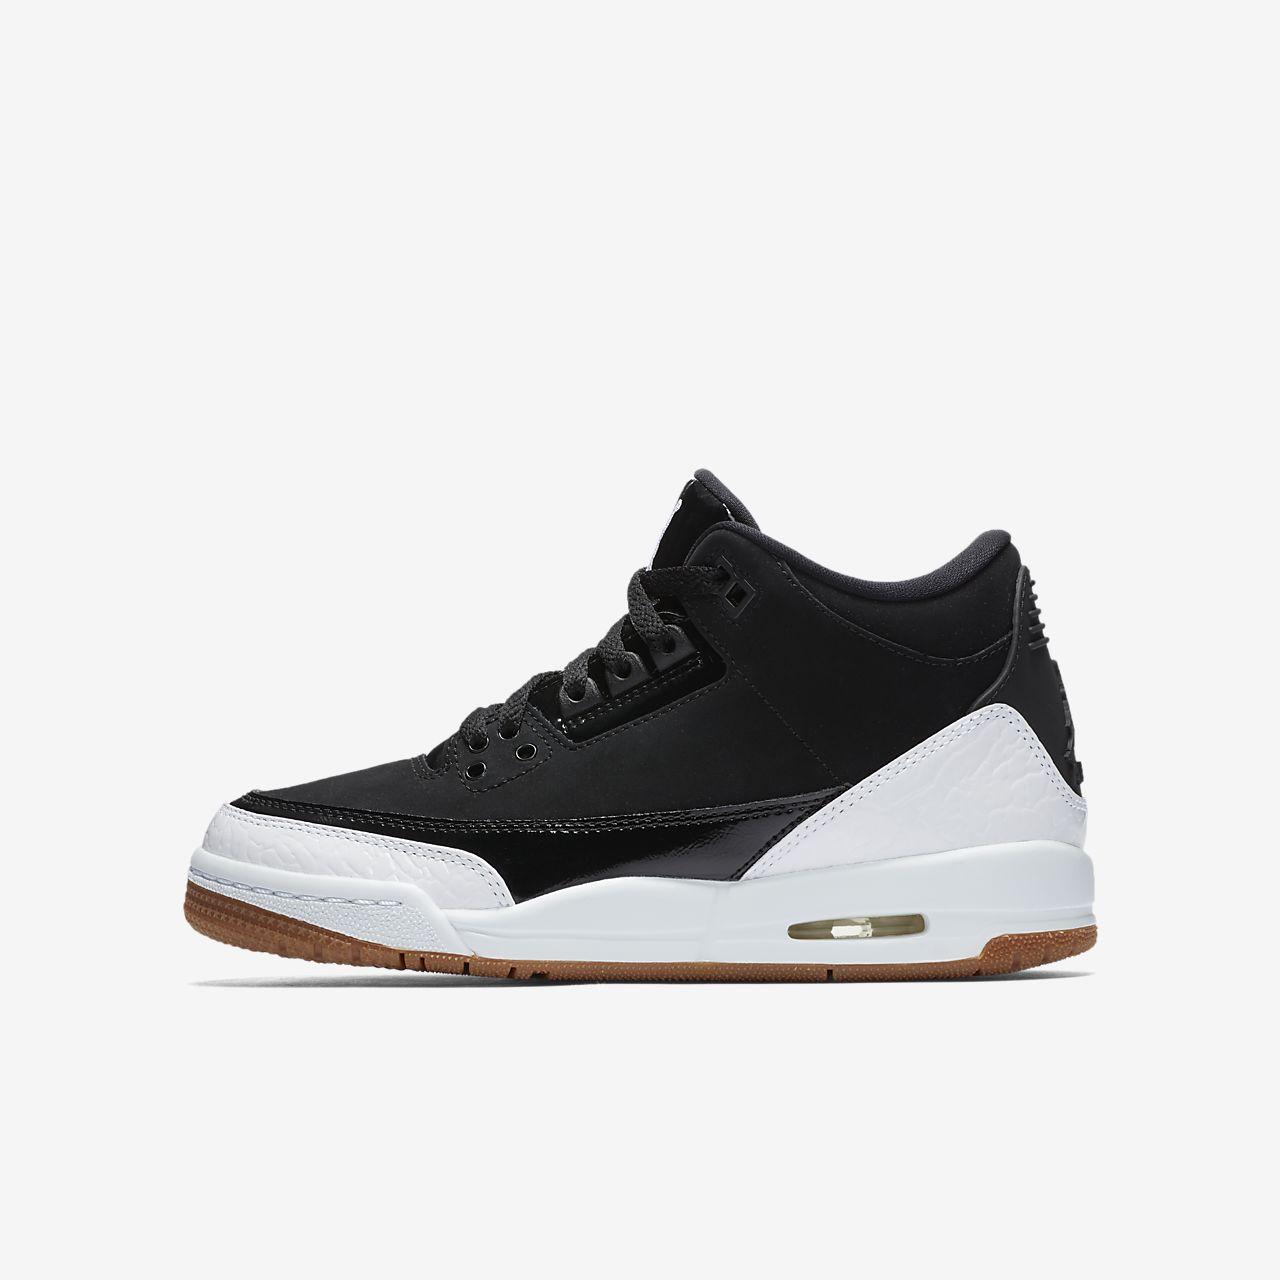 new concept cd889 2a1f6 ... where to buy chaussure air jordan 3 retro pour enfant plus âgé c8fa6  16330 ...